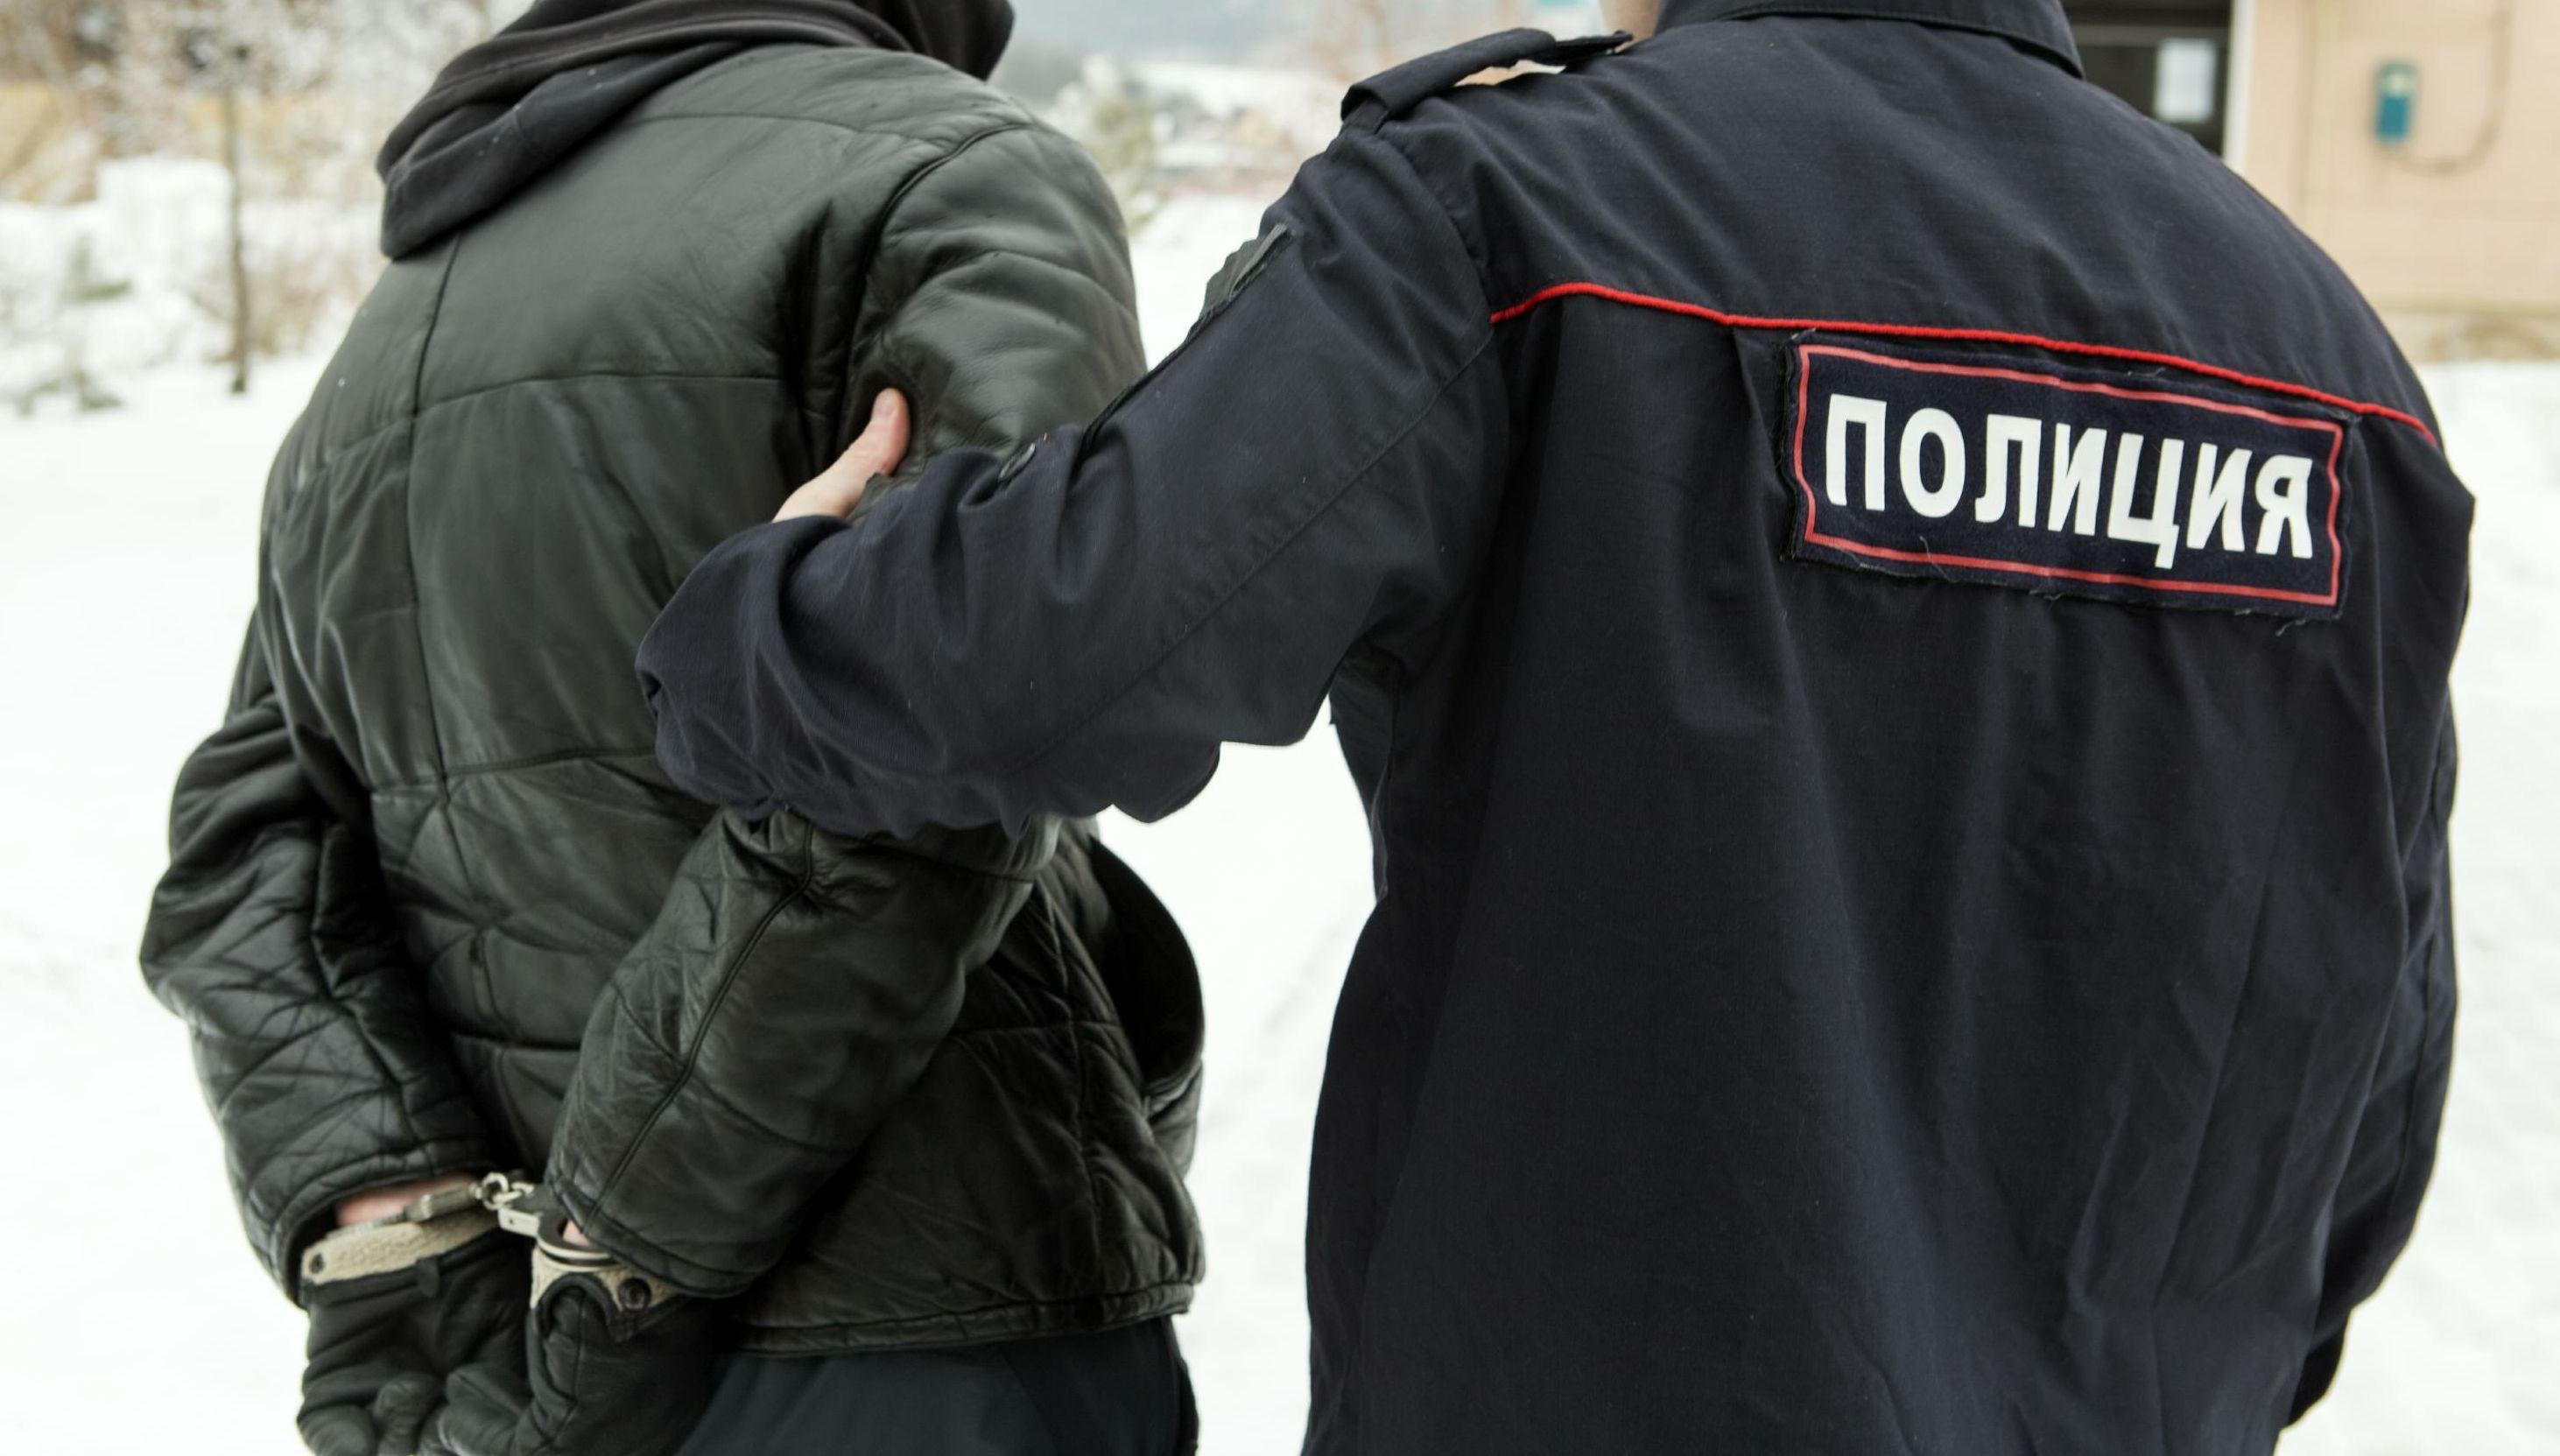 Трое жителей Тверской области устроили стрельбу из автомата в петербургском парке